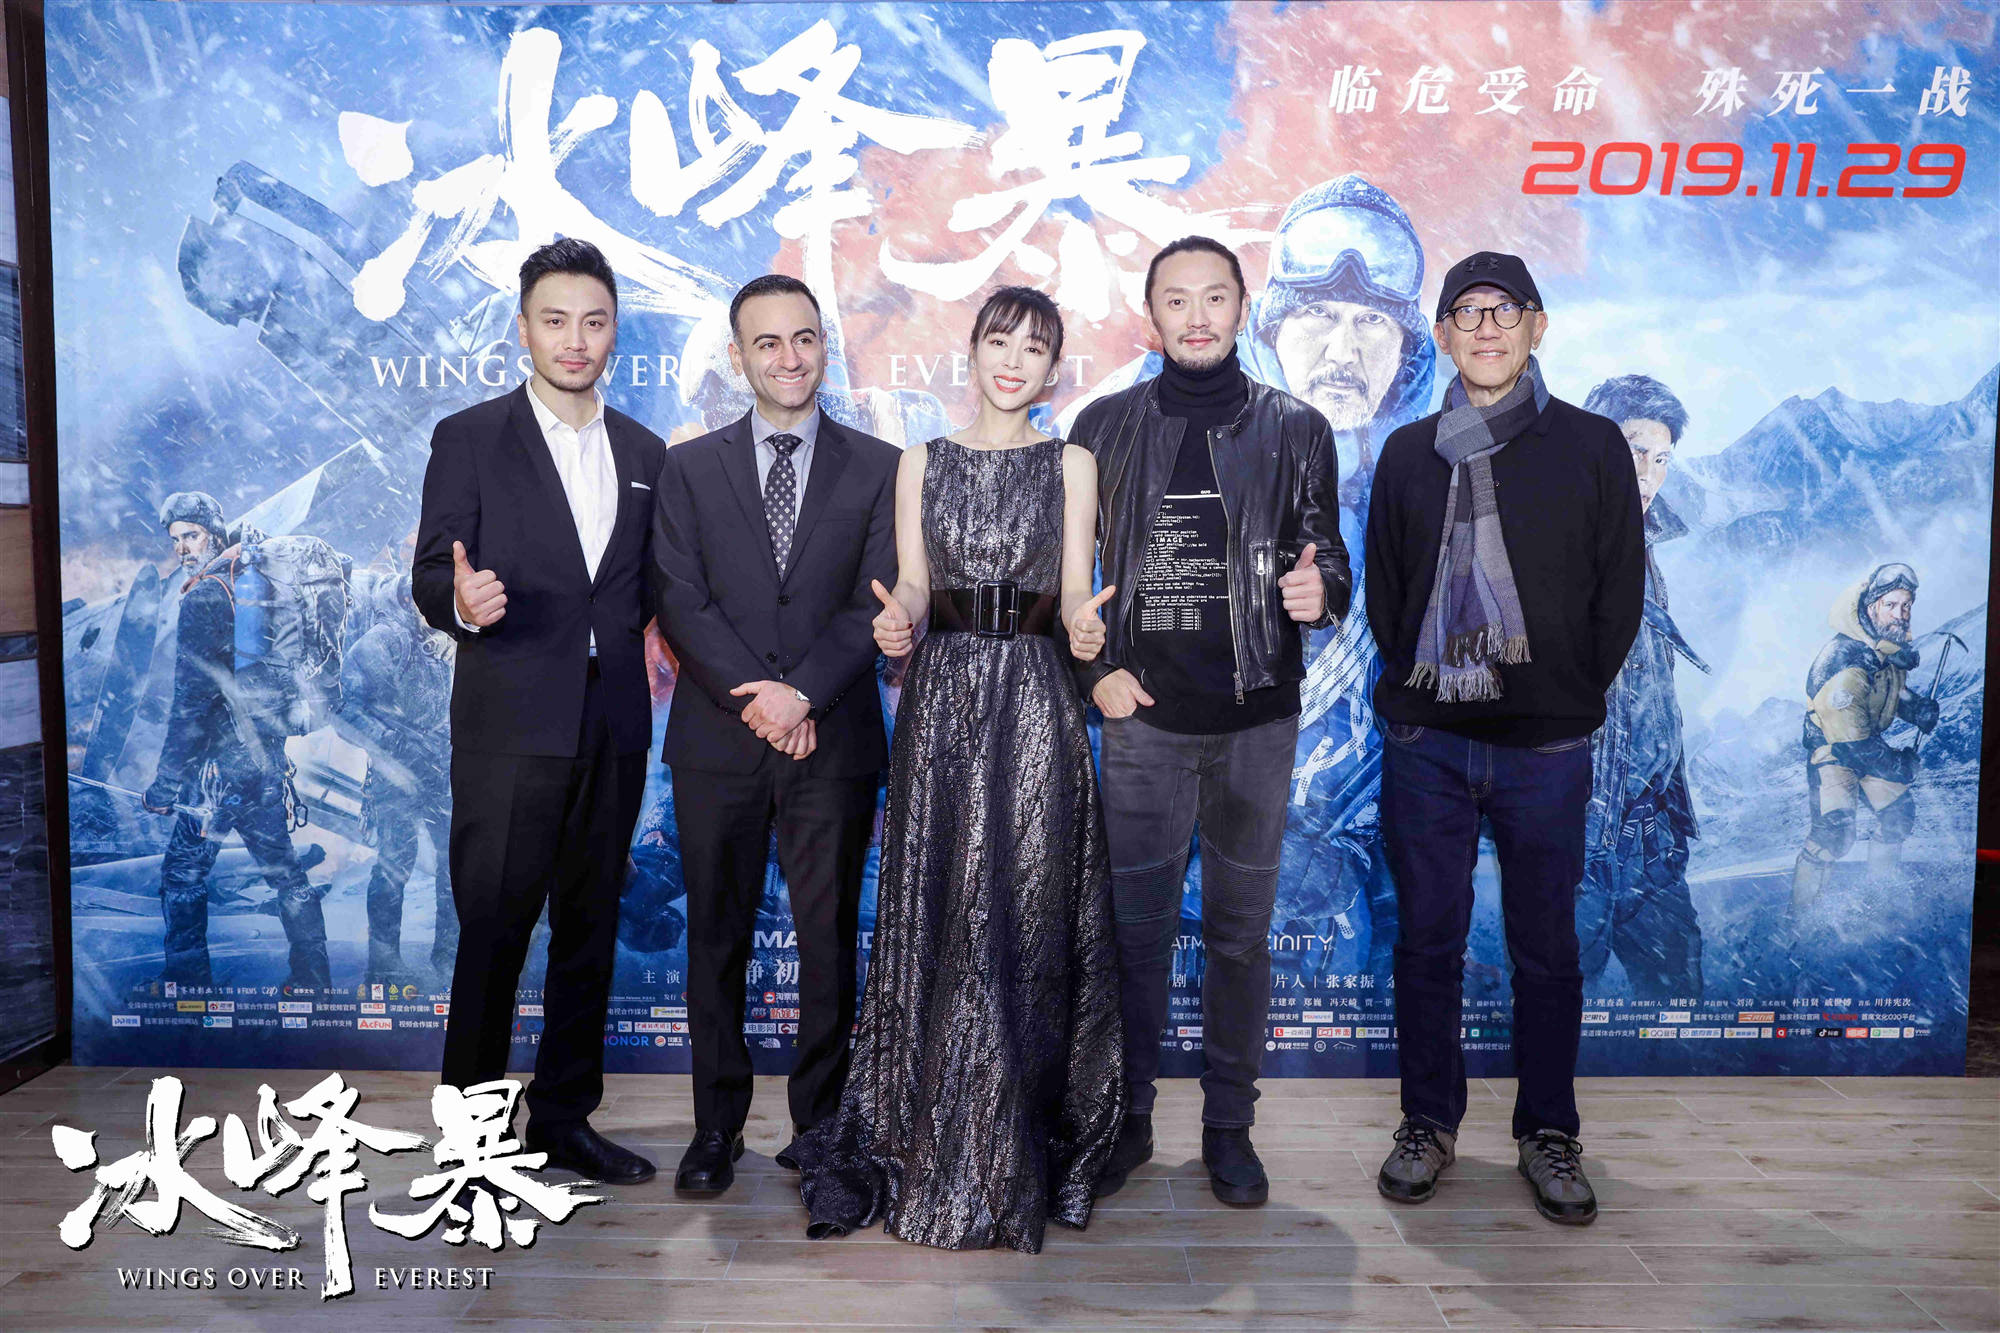 《冰峰暴》首映礼燃爆京城 豪华阵容演绎最险攀登故事